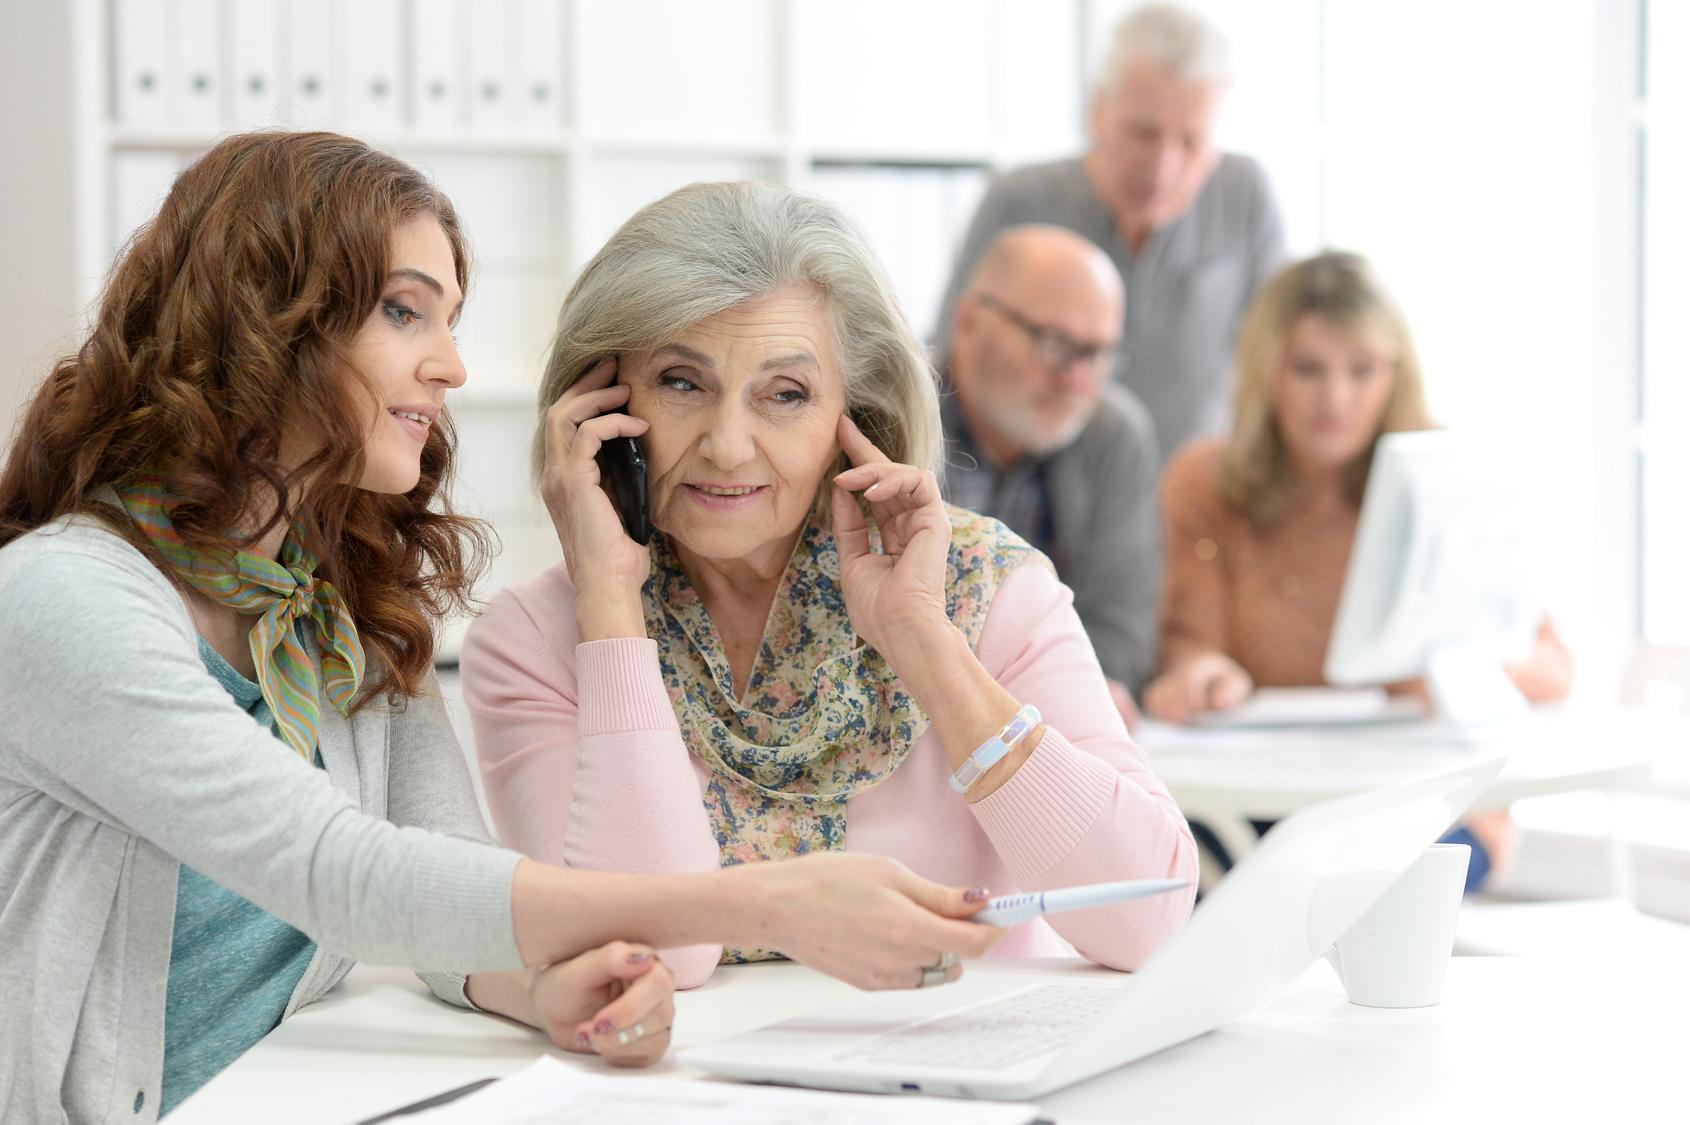 Generationen am Arbeitsplatz: Konflikten durch Kommunikation vorbeugen und die Chancen in der Zusammenarbeit ergreifen